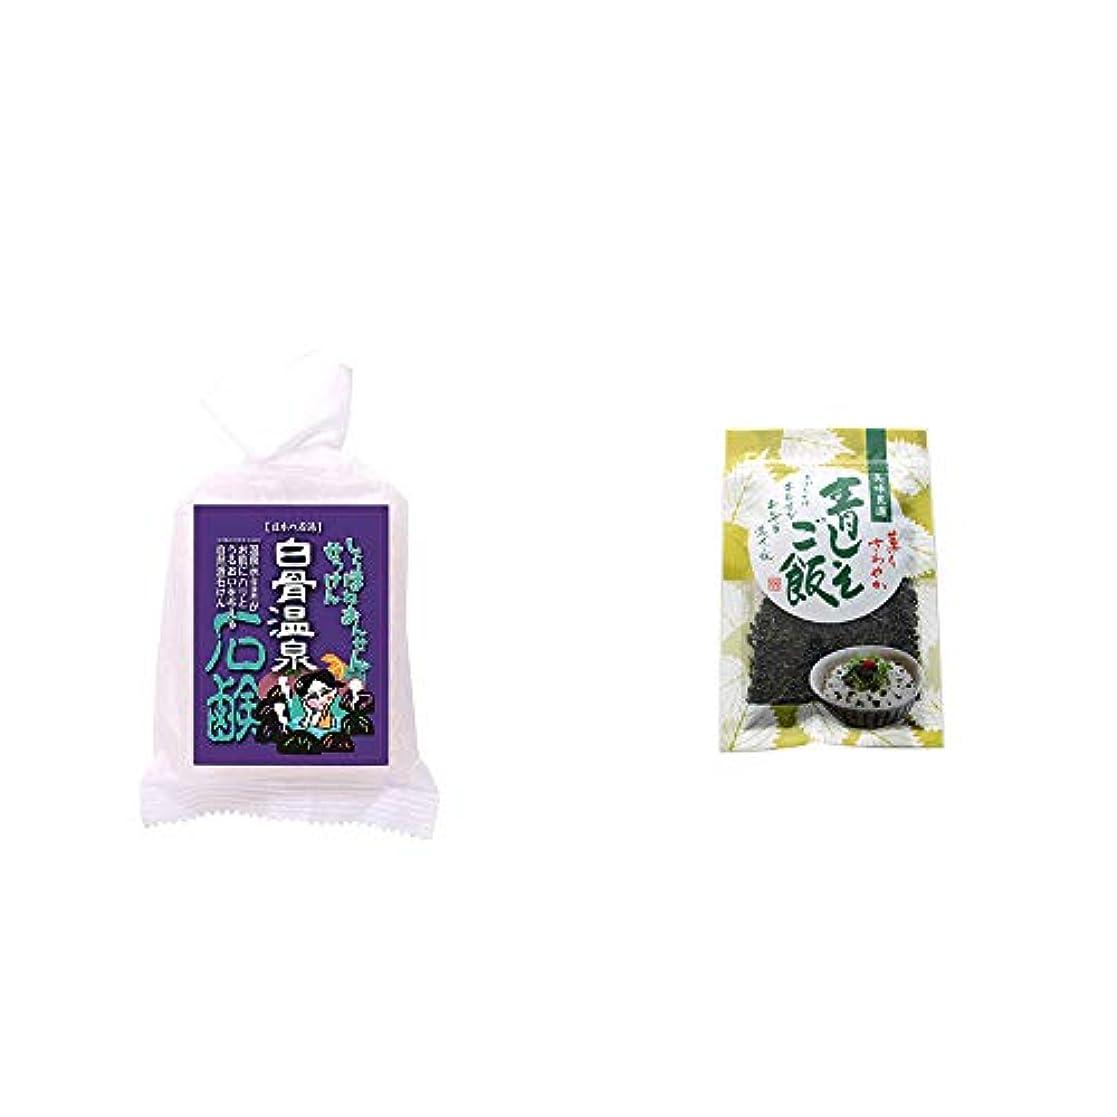 冷淡な成長より平らな[2点セット] 信州 白骨温泉石鹸(80g)?薫りさわやか 青しそご飯(80g)